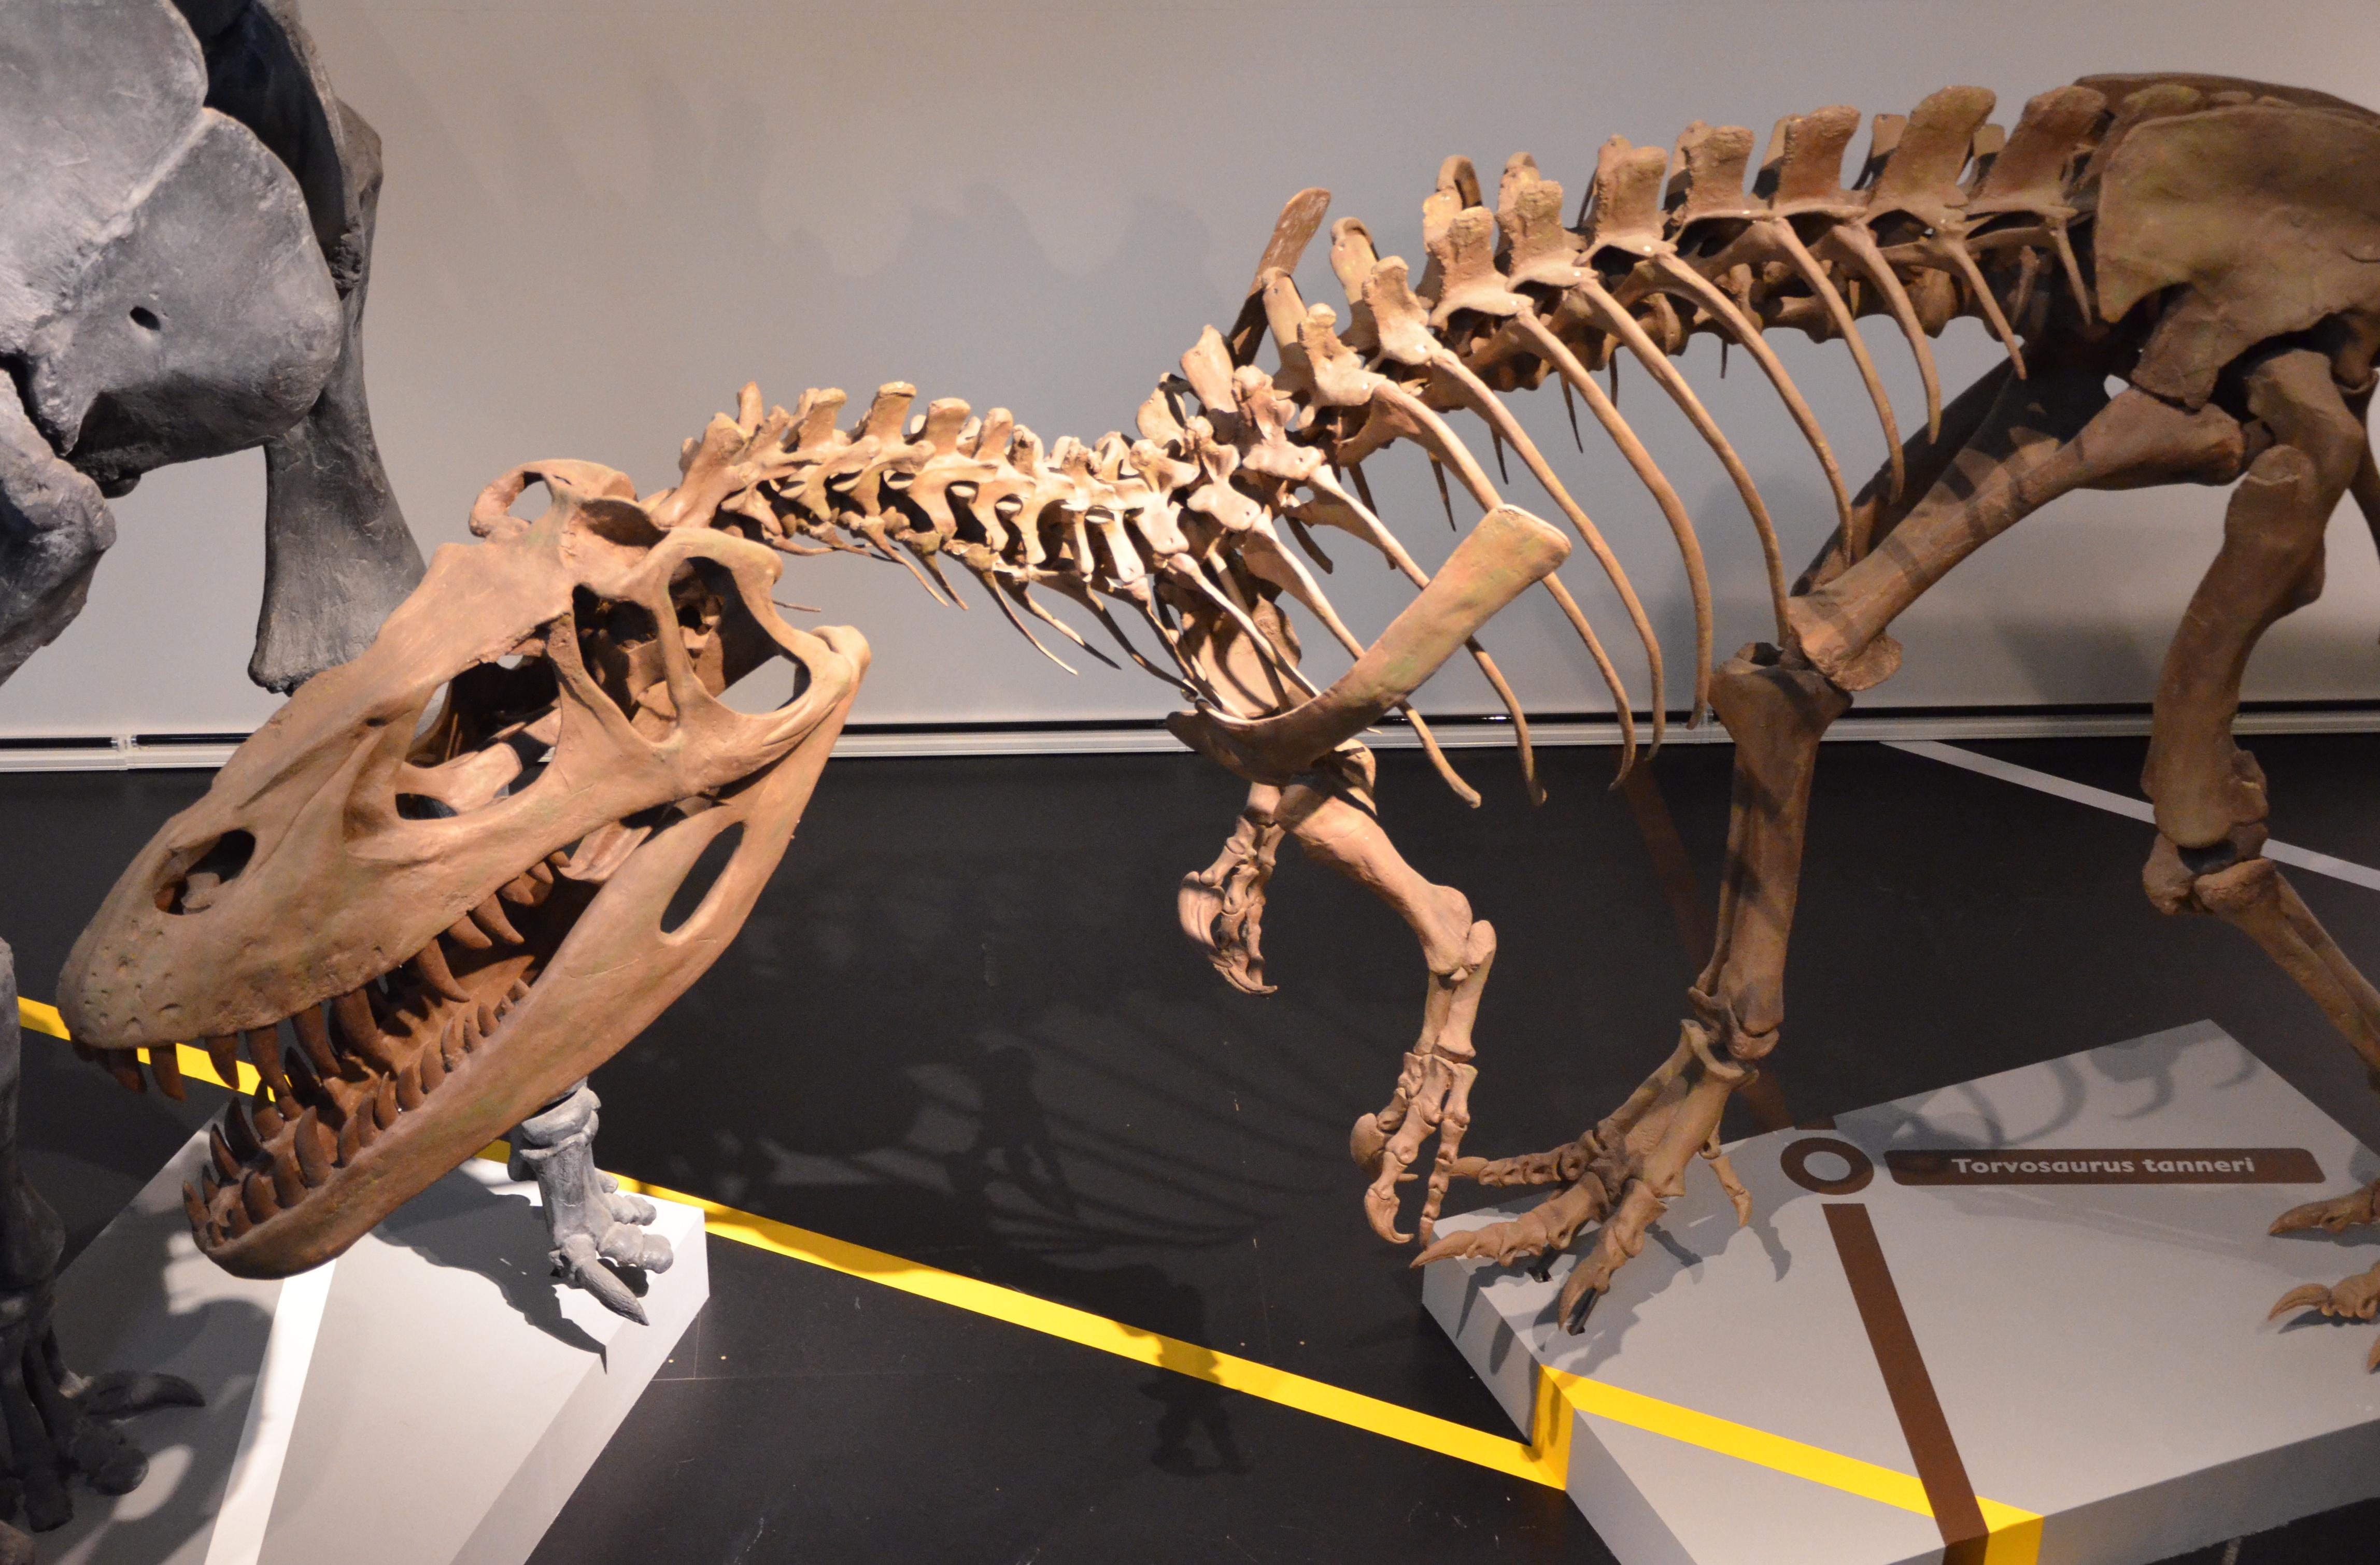 Torvosaurus tanneri in Madrid museum